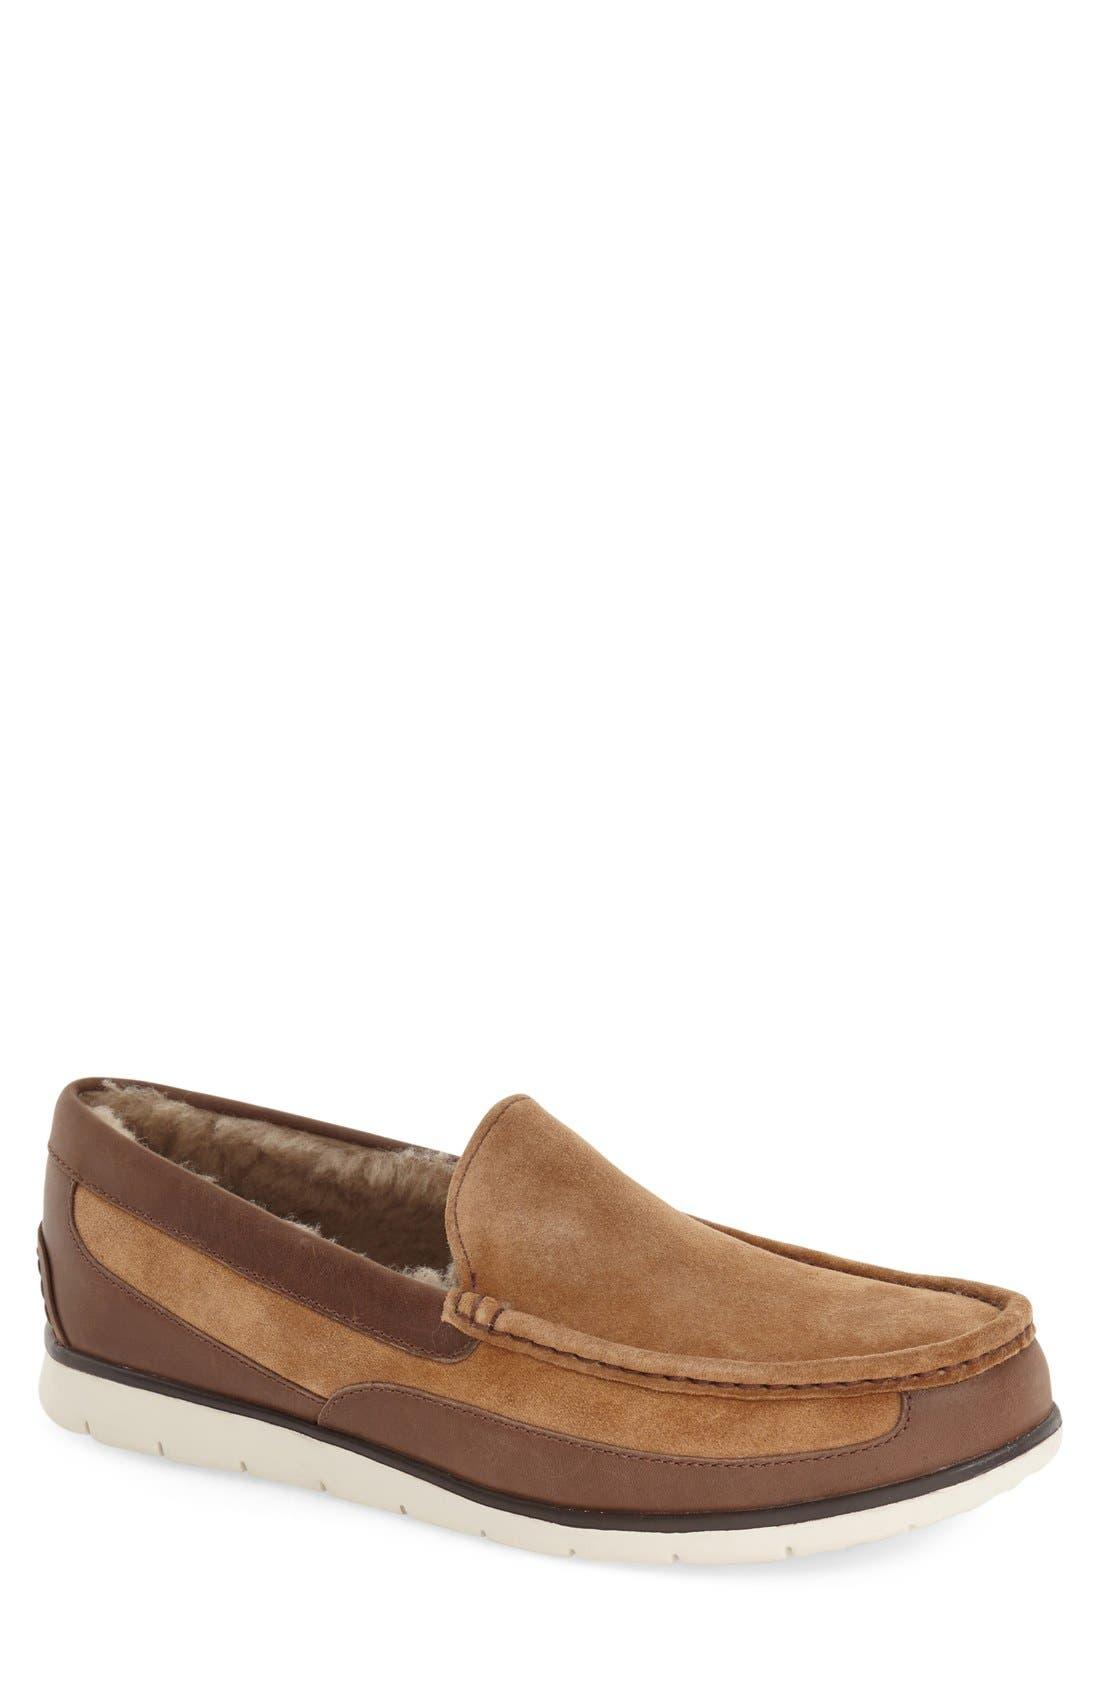 Main Image - UGG® Fascot Indoor/Outdoor Slipper (Men)